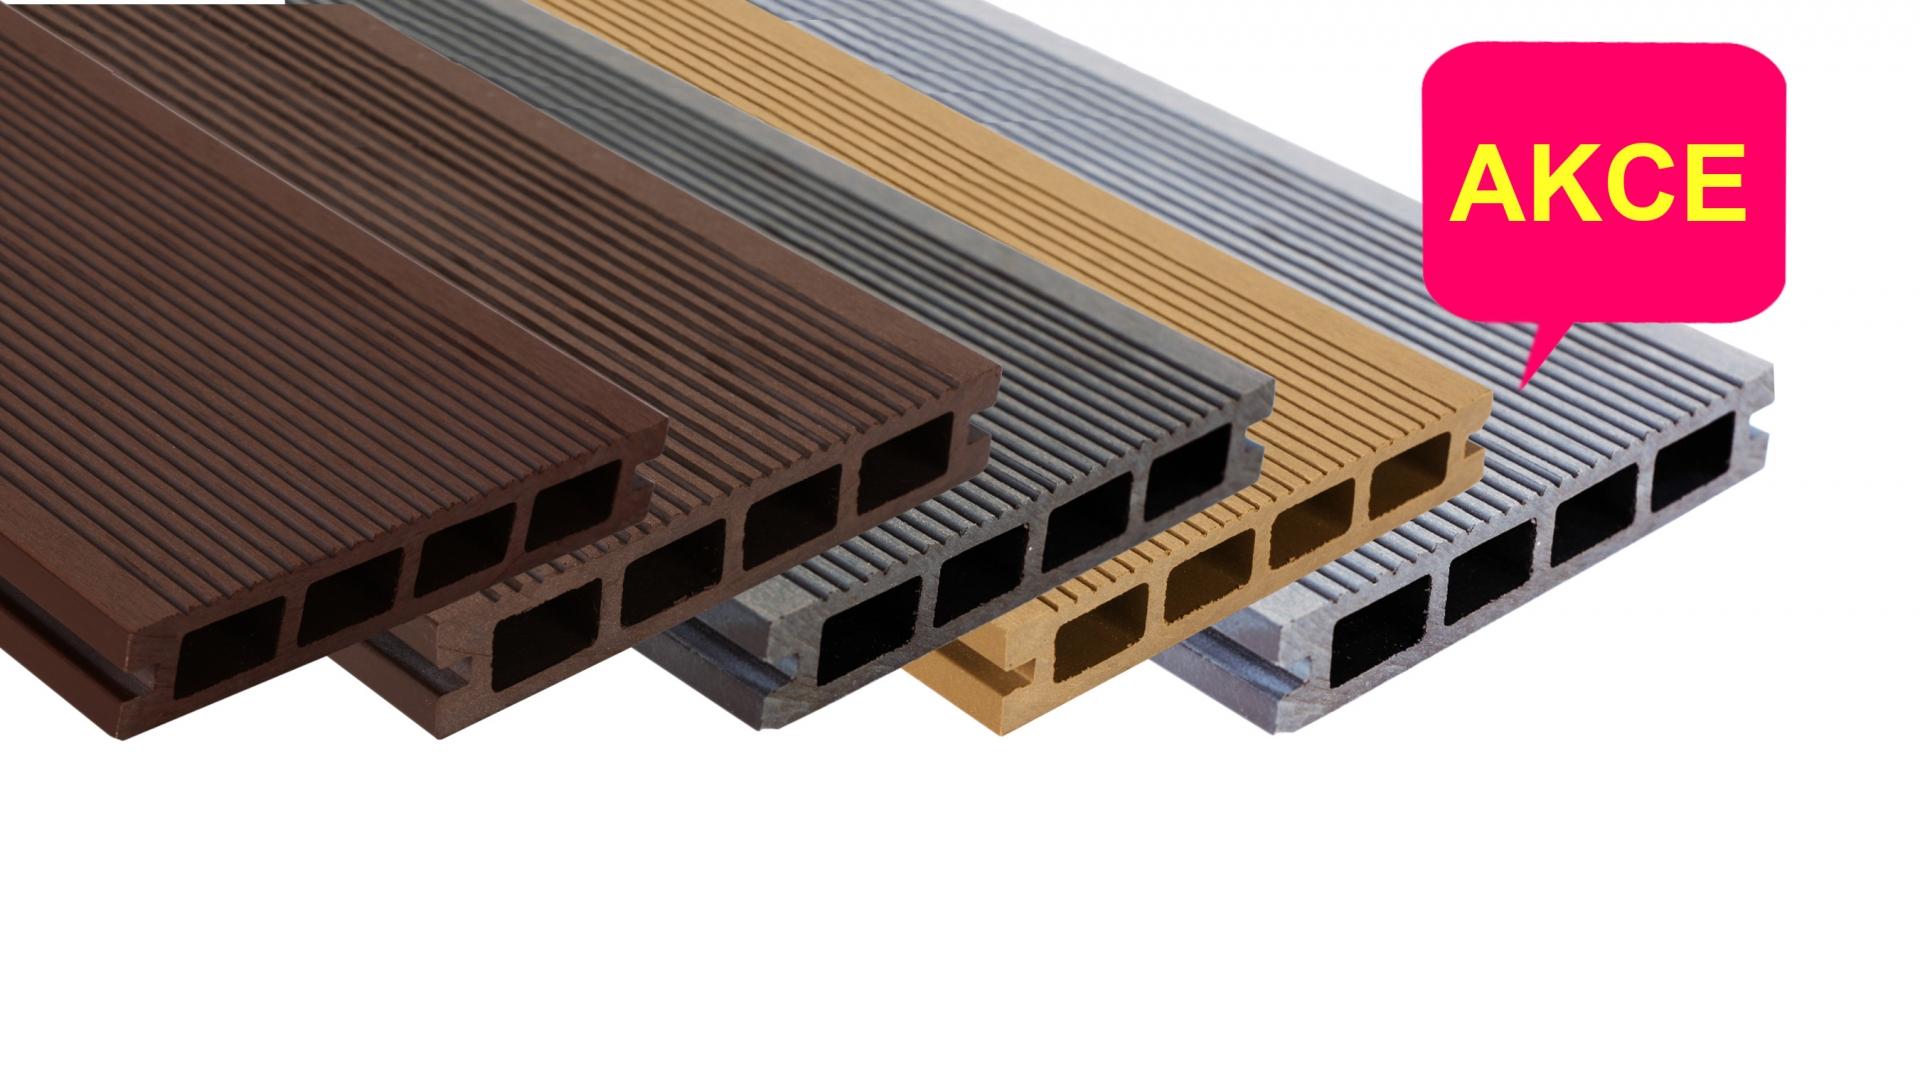 Wpc terasy - terasová prkna WPC Likewood 25 - jednobarevná